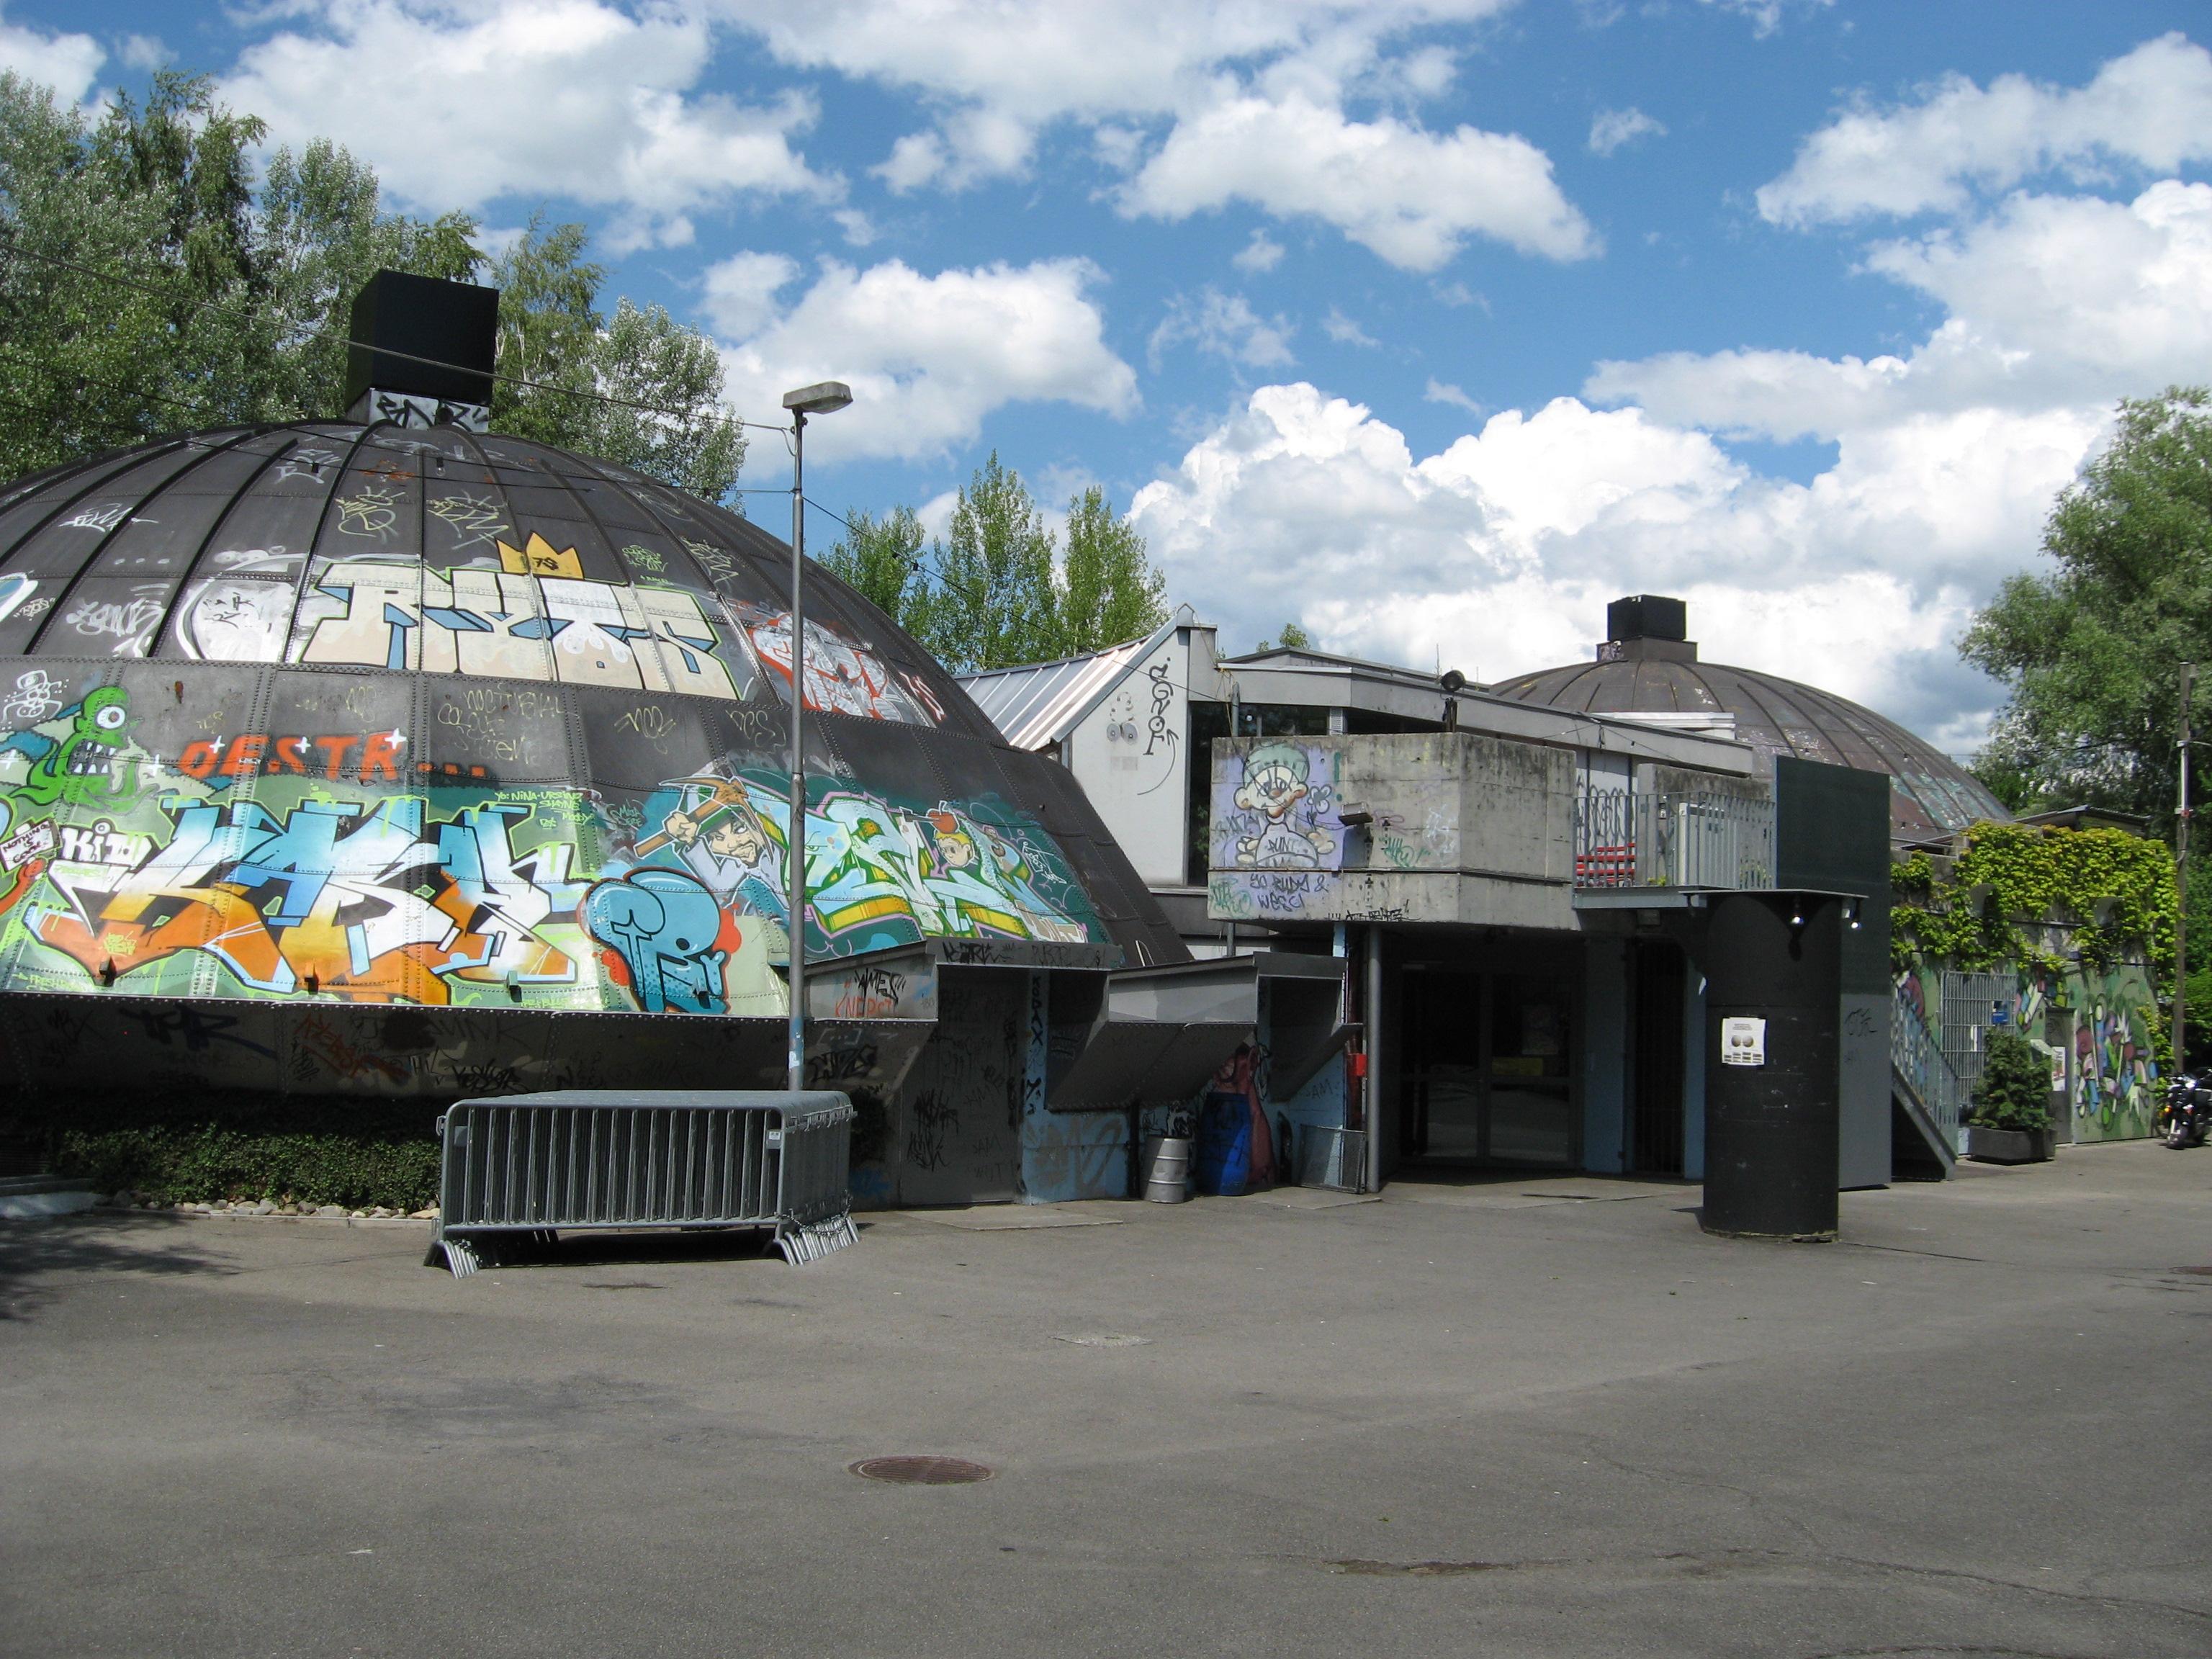 File:Gaskessel Bern.jpg - Wikimedia Commons